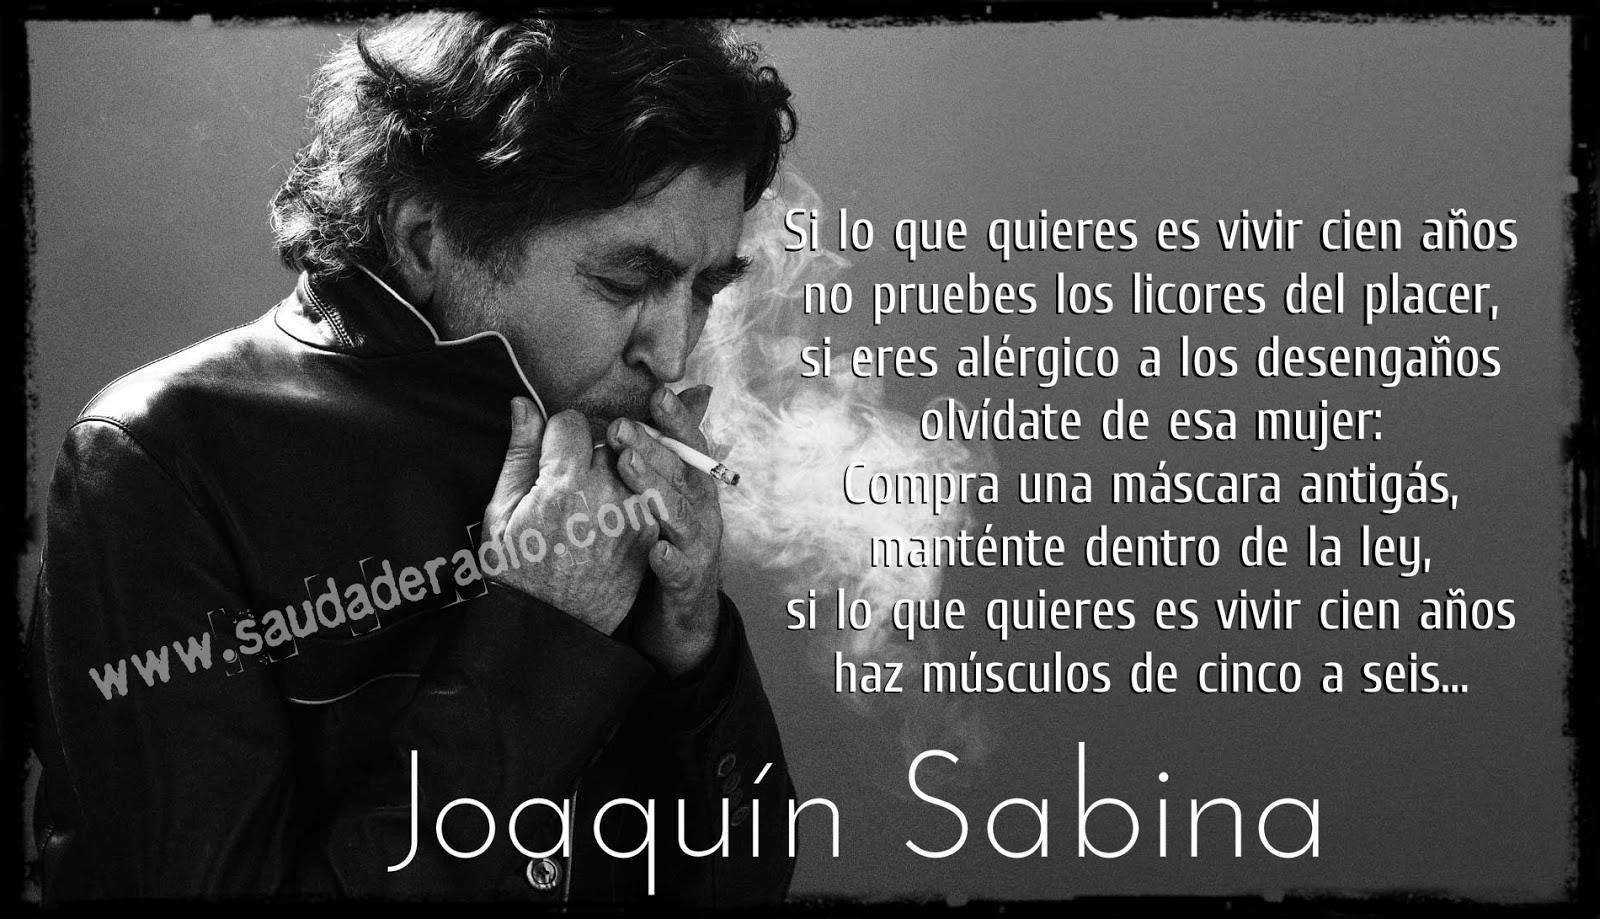 Las mejores canciones y frases de Joaqun Sabina